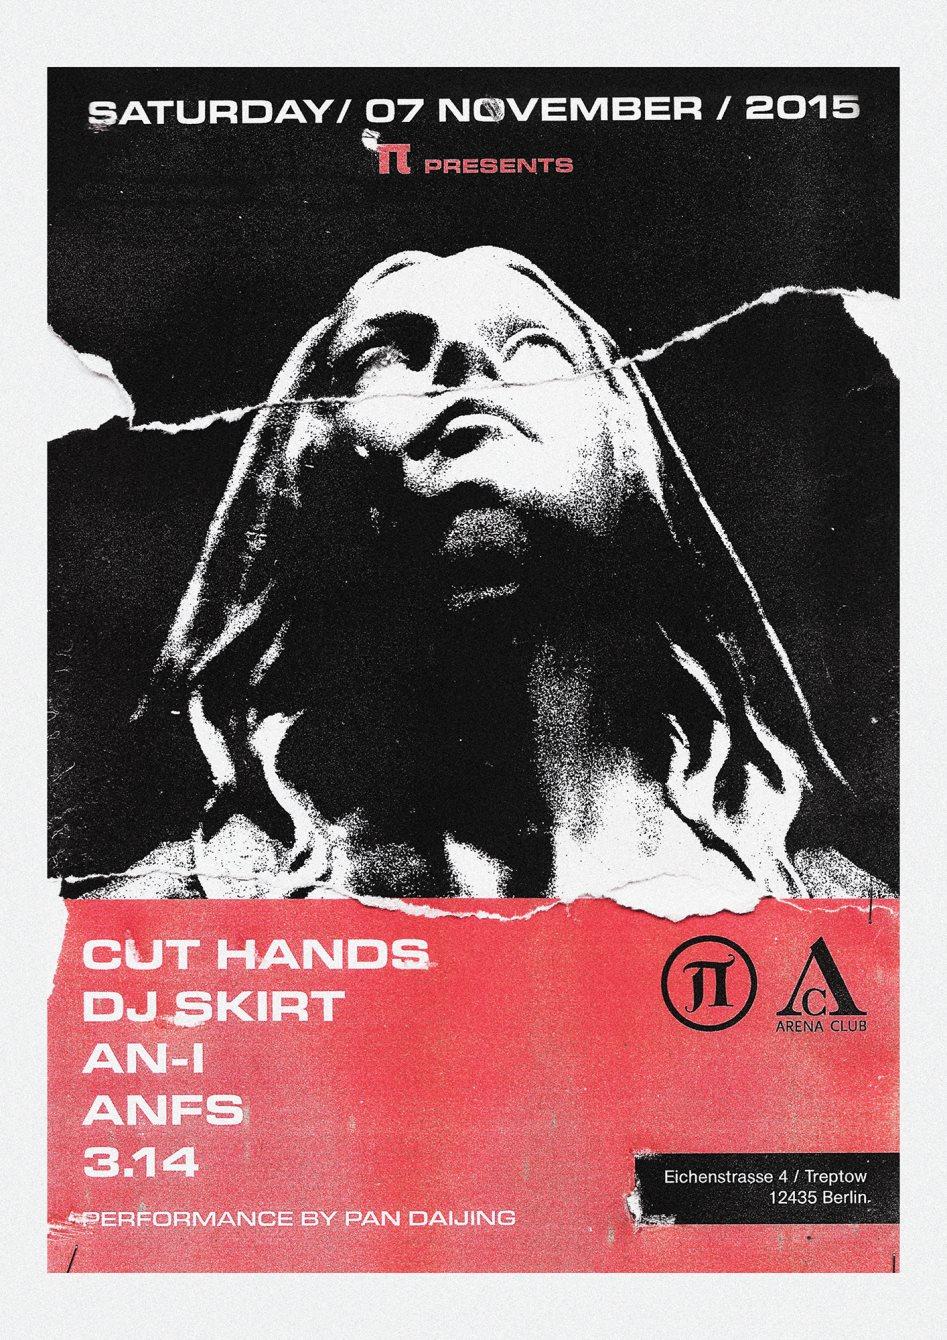 Π11 with Cut Hands, Dj Skirt, An-I, Anfs, Pan Daijing & 3.14 - Flyer front